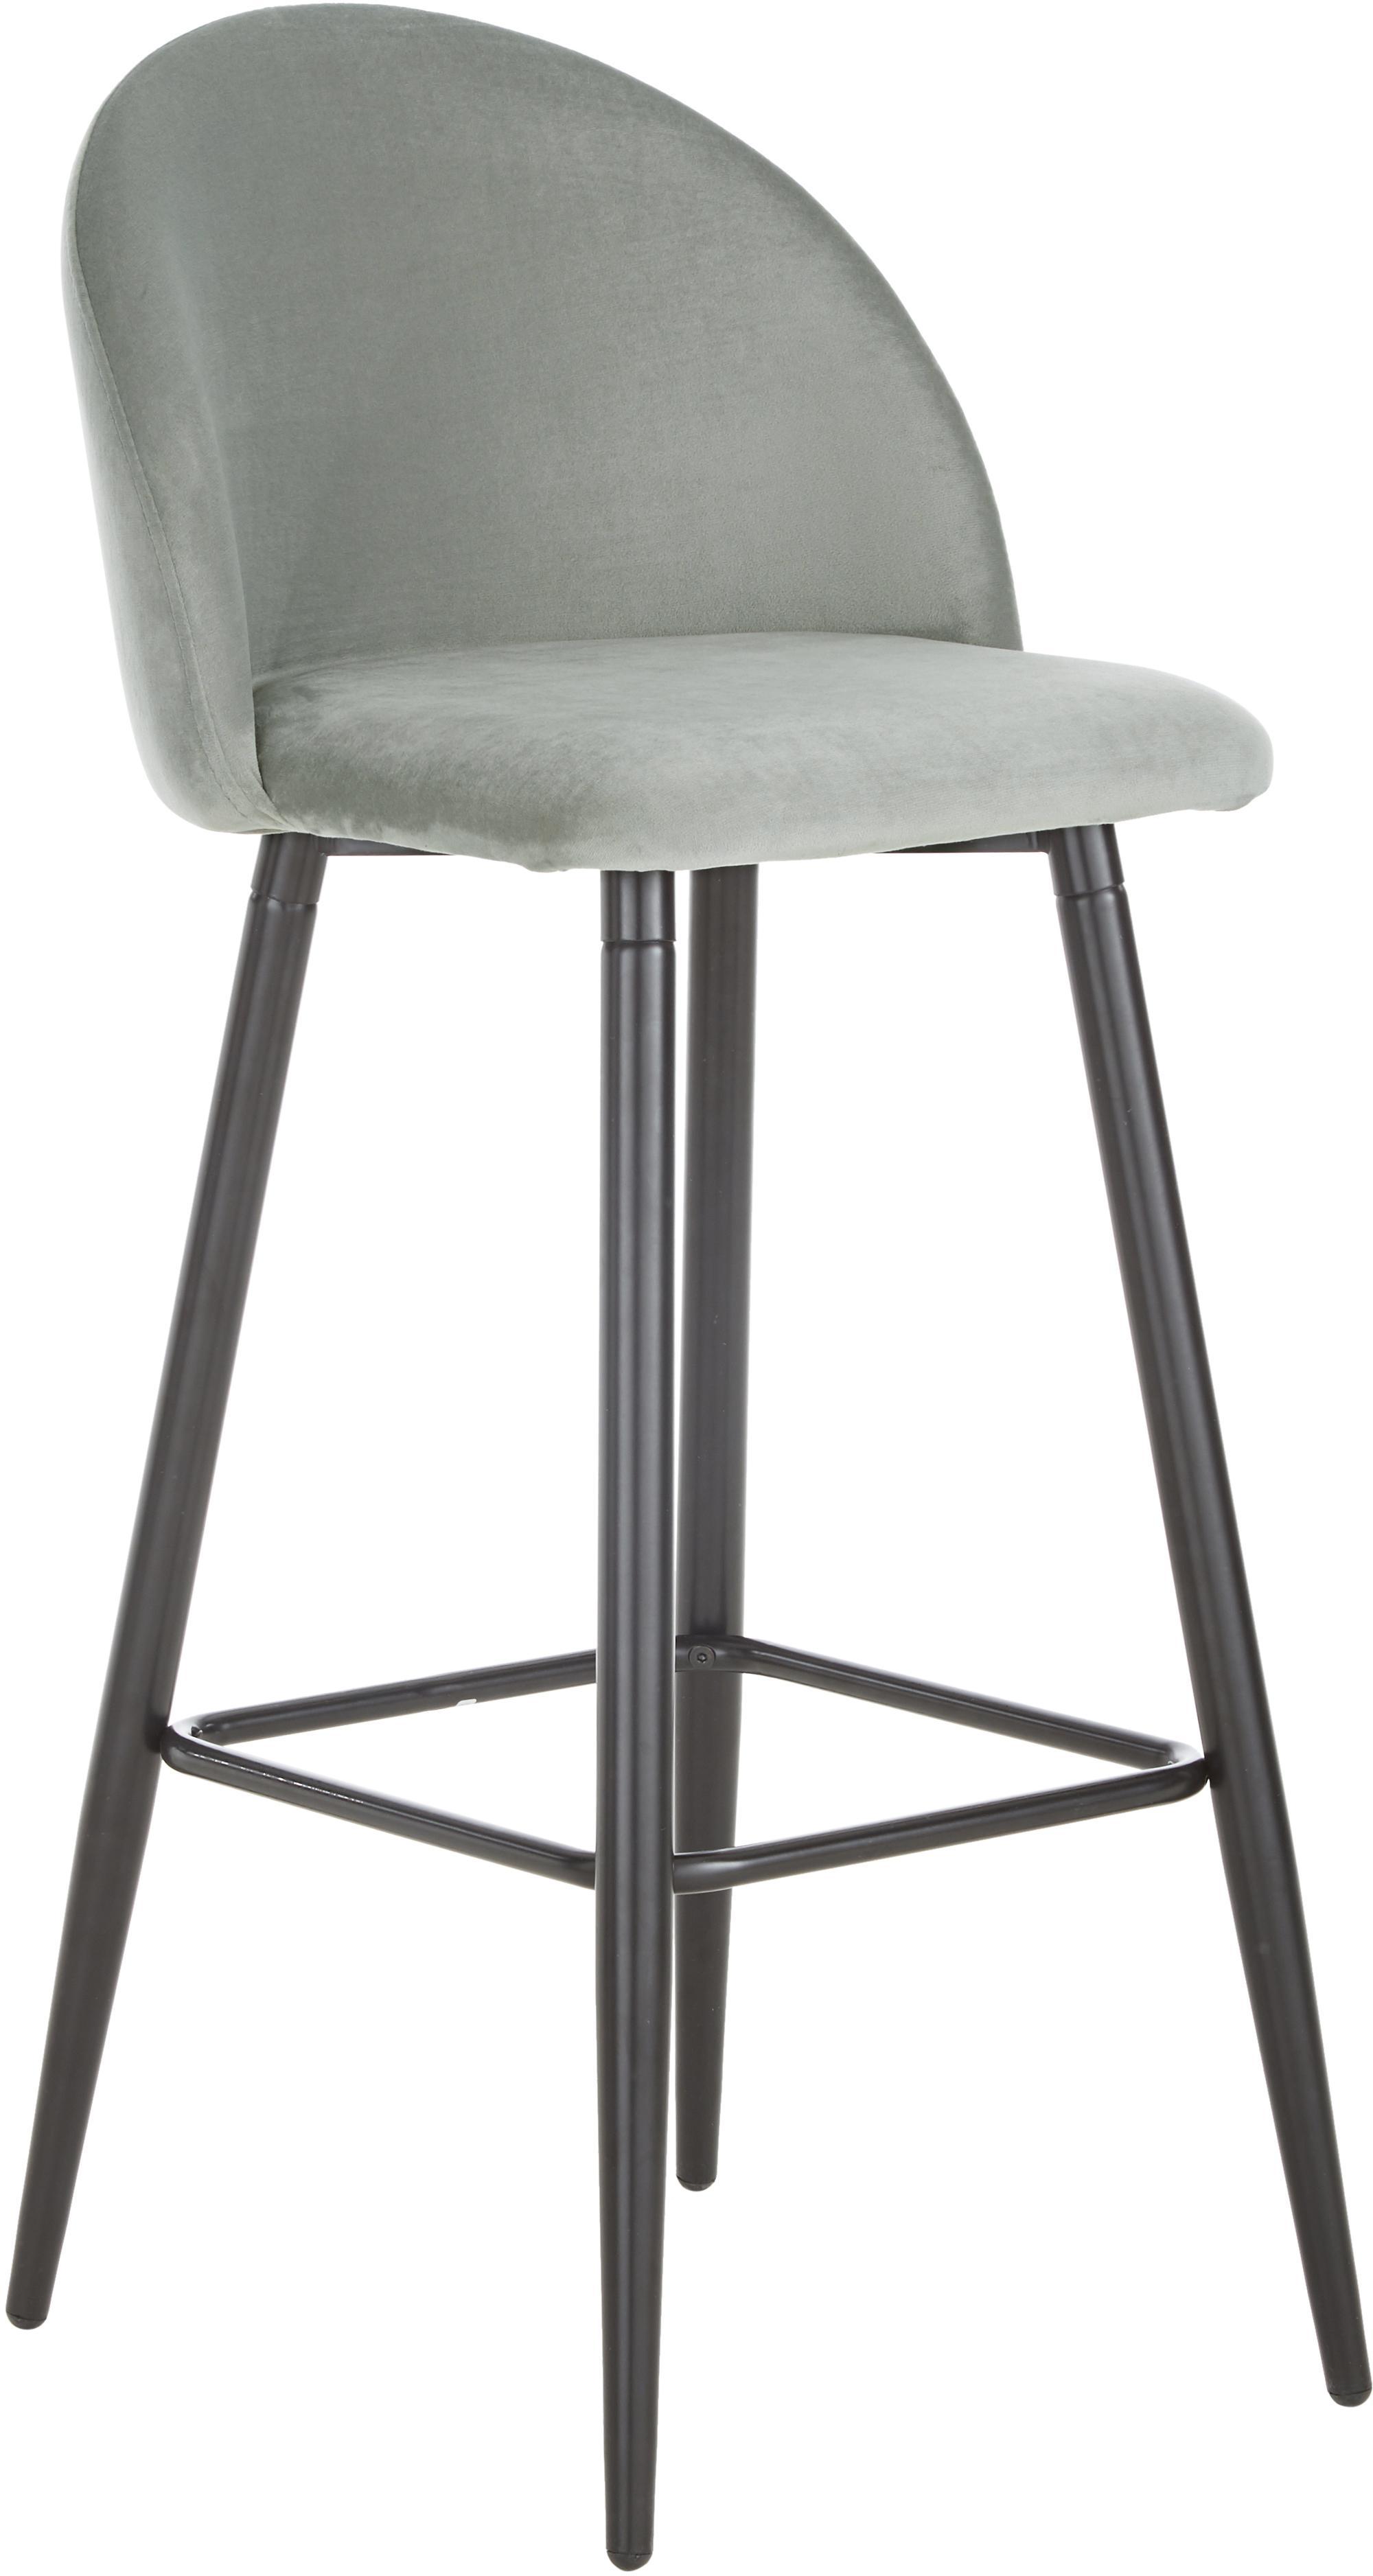 Taburete de bar de terciopelo Amy, Tapizado: terciopelo (poliéster) Re, Patas: metal con pintura en polv, Gris, negro, An 45 x Al 103 cm